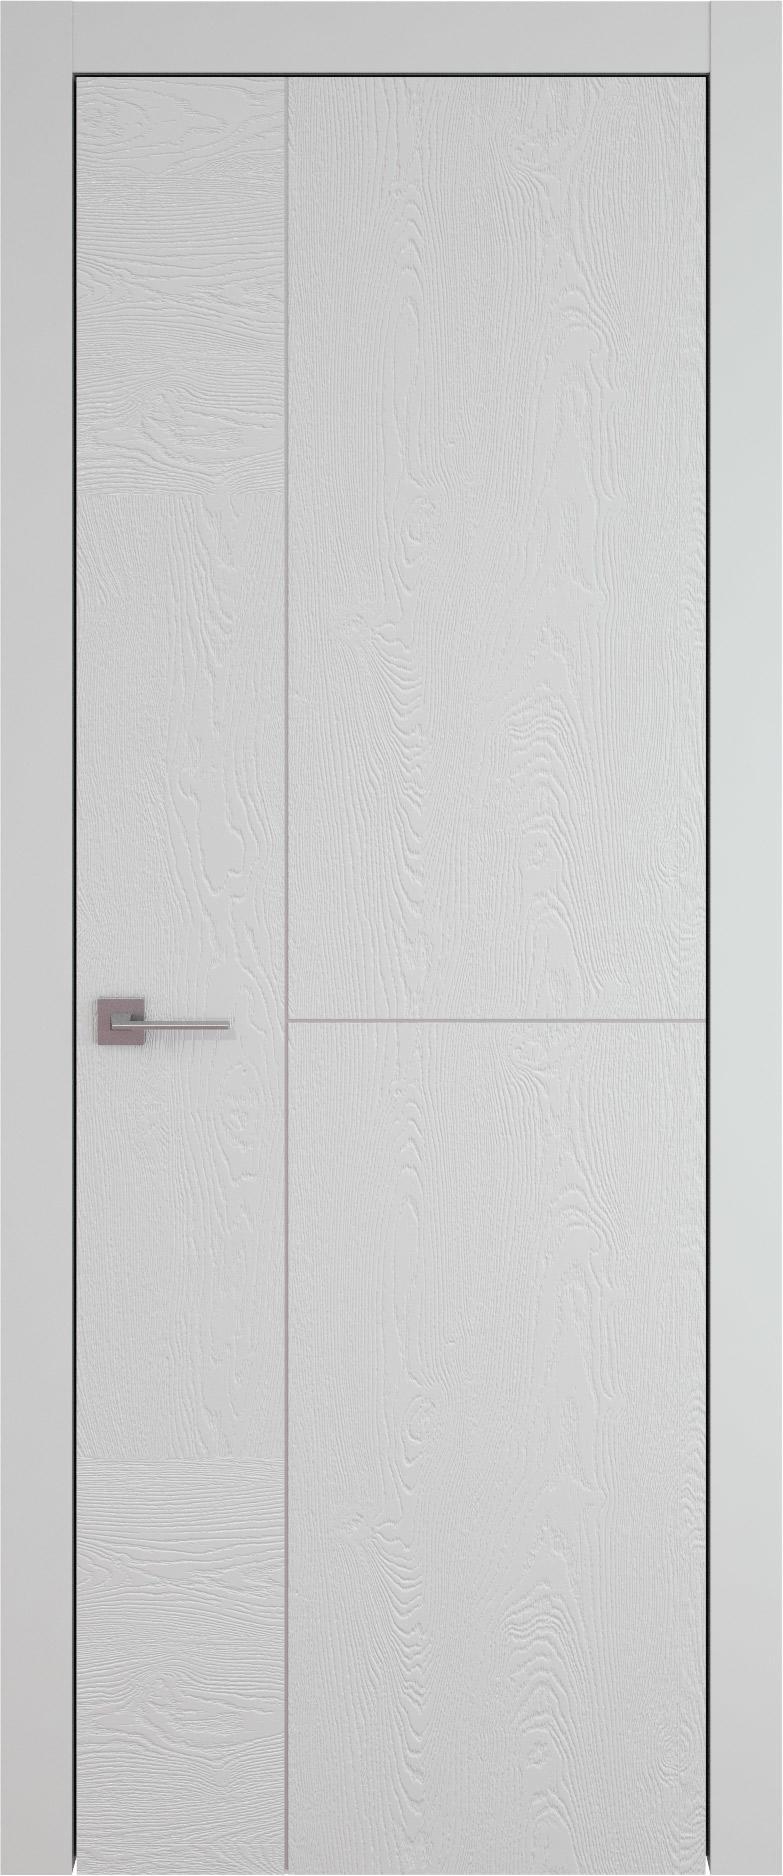 Tivoli Г-1 цвет - Серая эмаль по шпону (RAL 7047) Без стекла (ДГ)